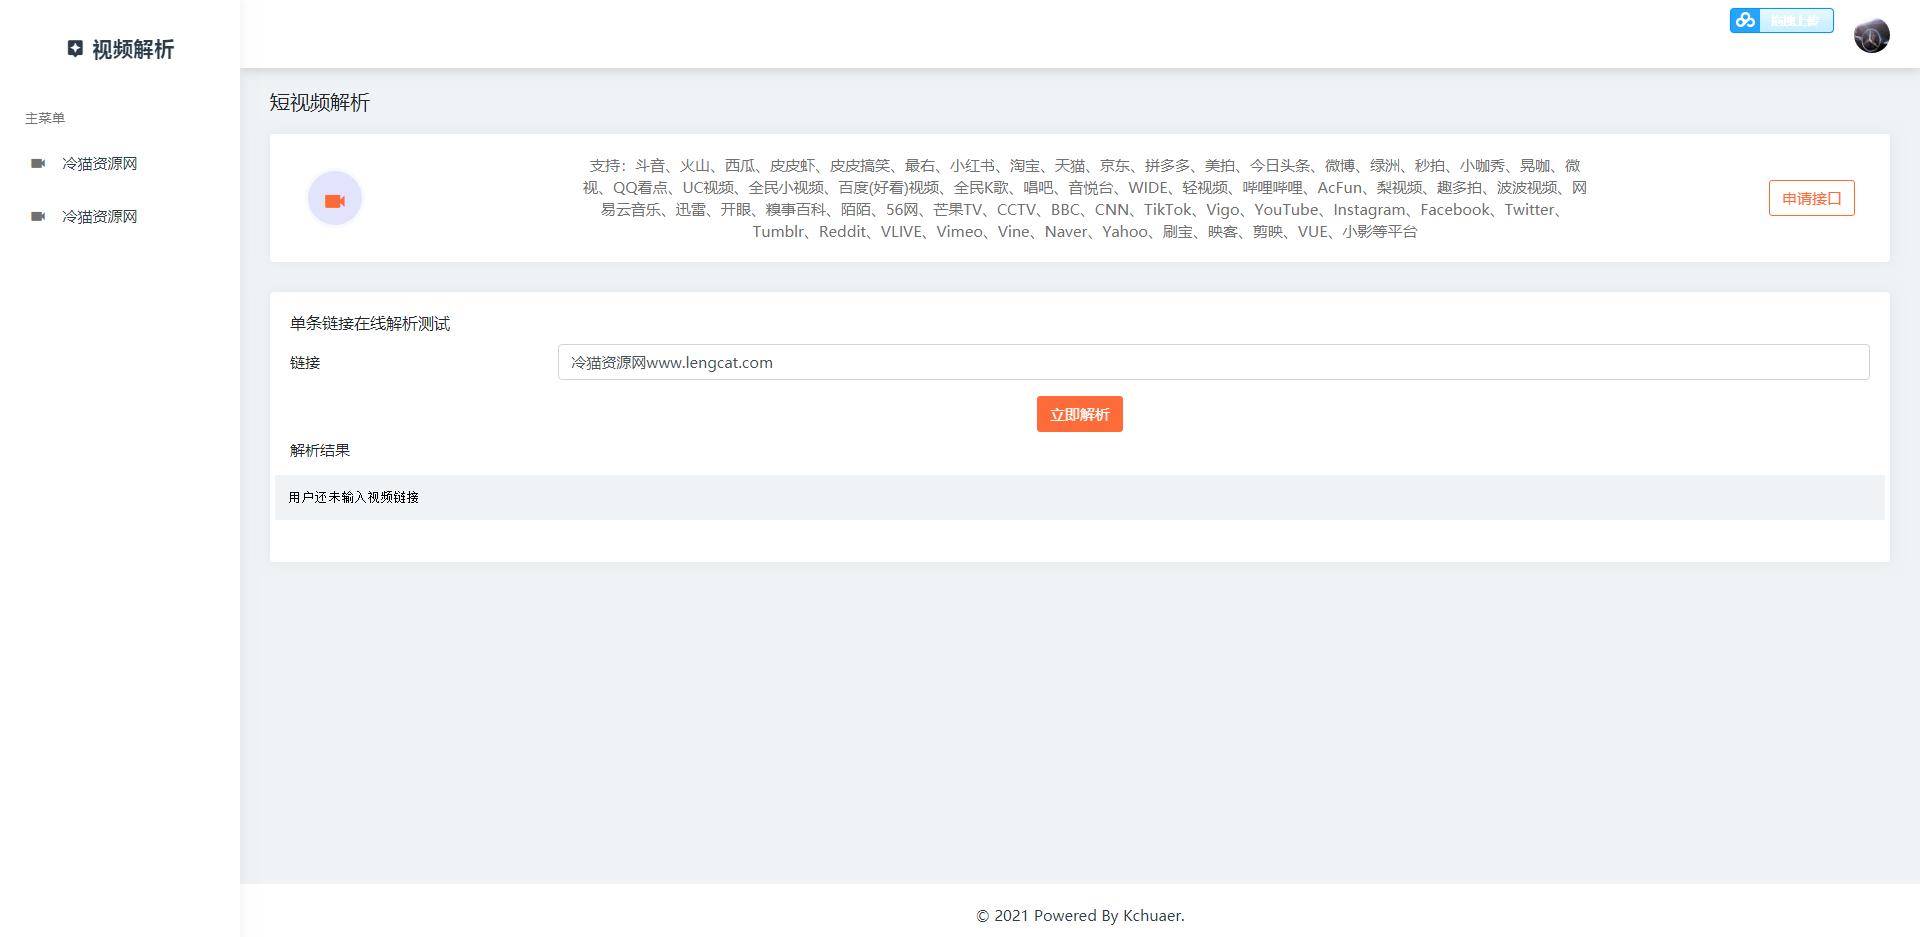 亲测 免费丨抖音快手短视频解析网站 单页源码免费下载 上传即用